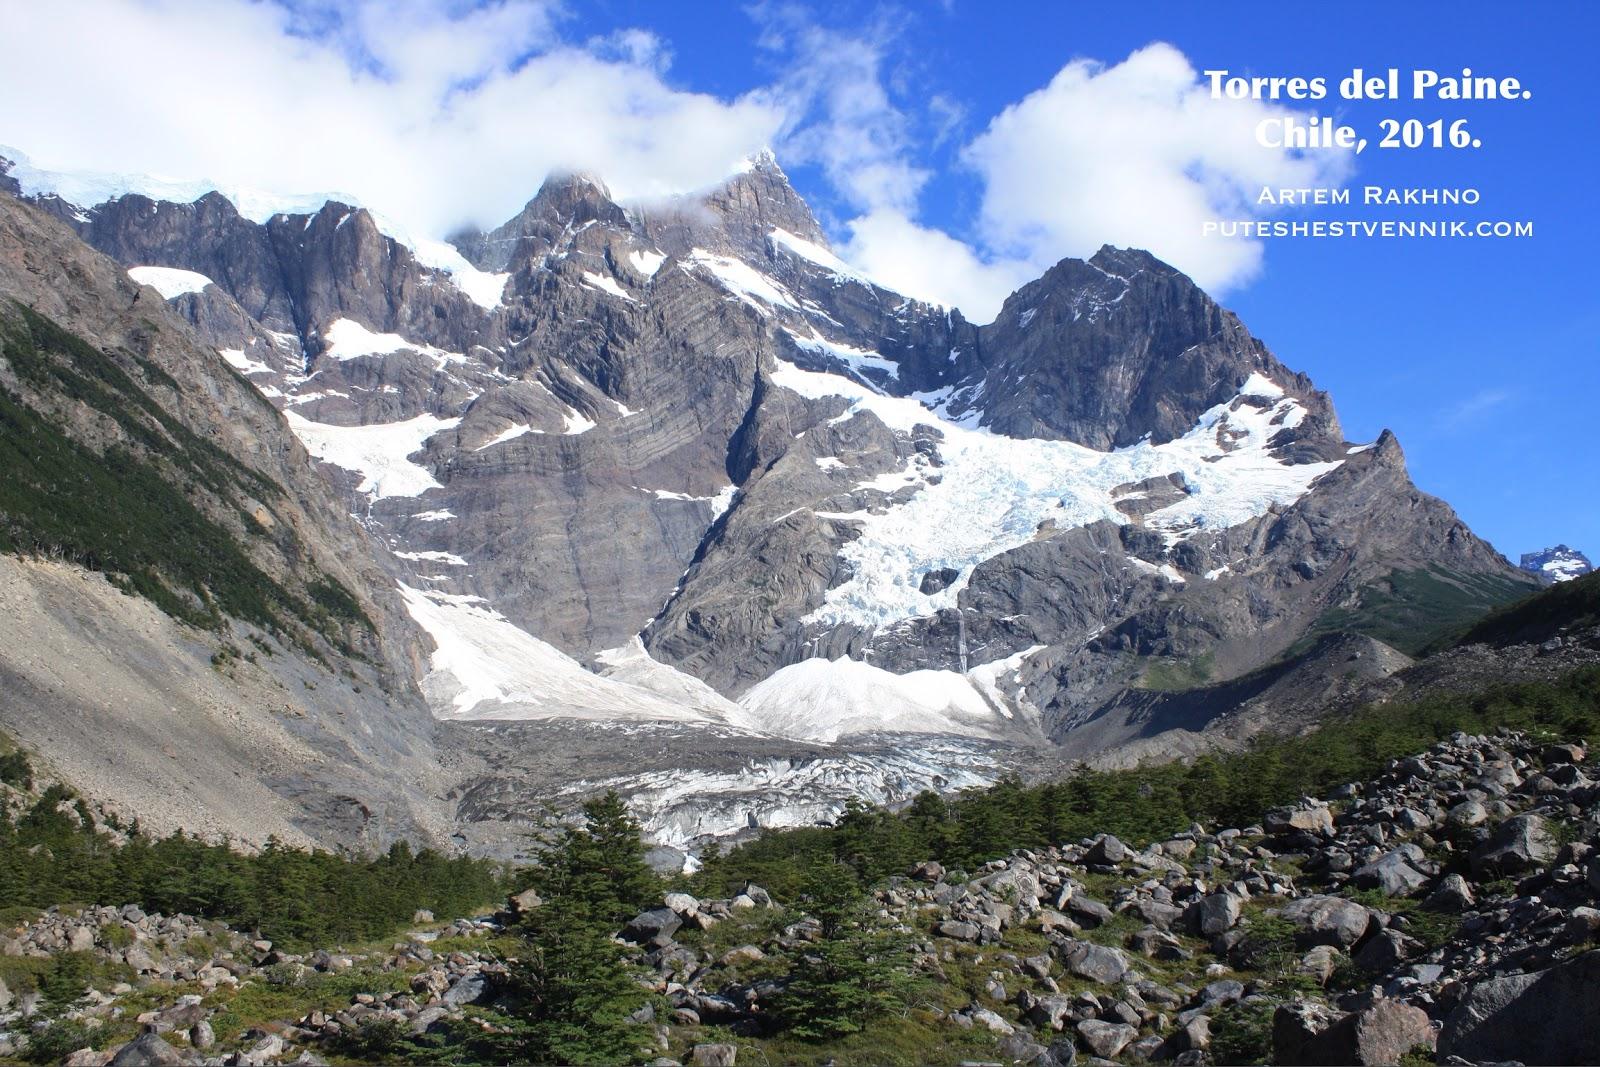 Горы и льды в Торрес-дель-Пайне